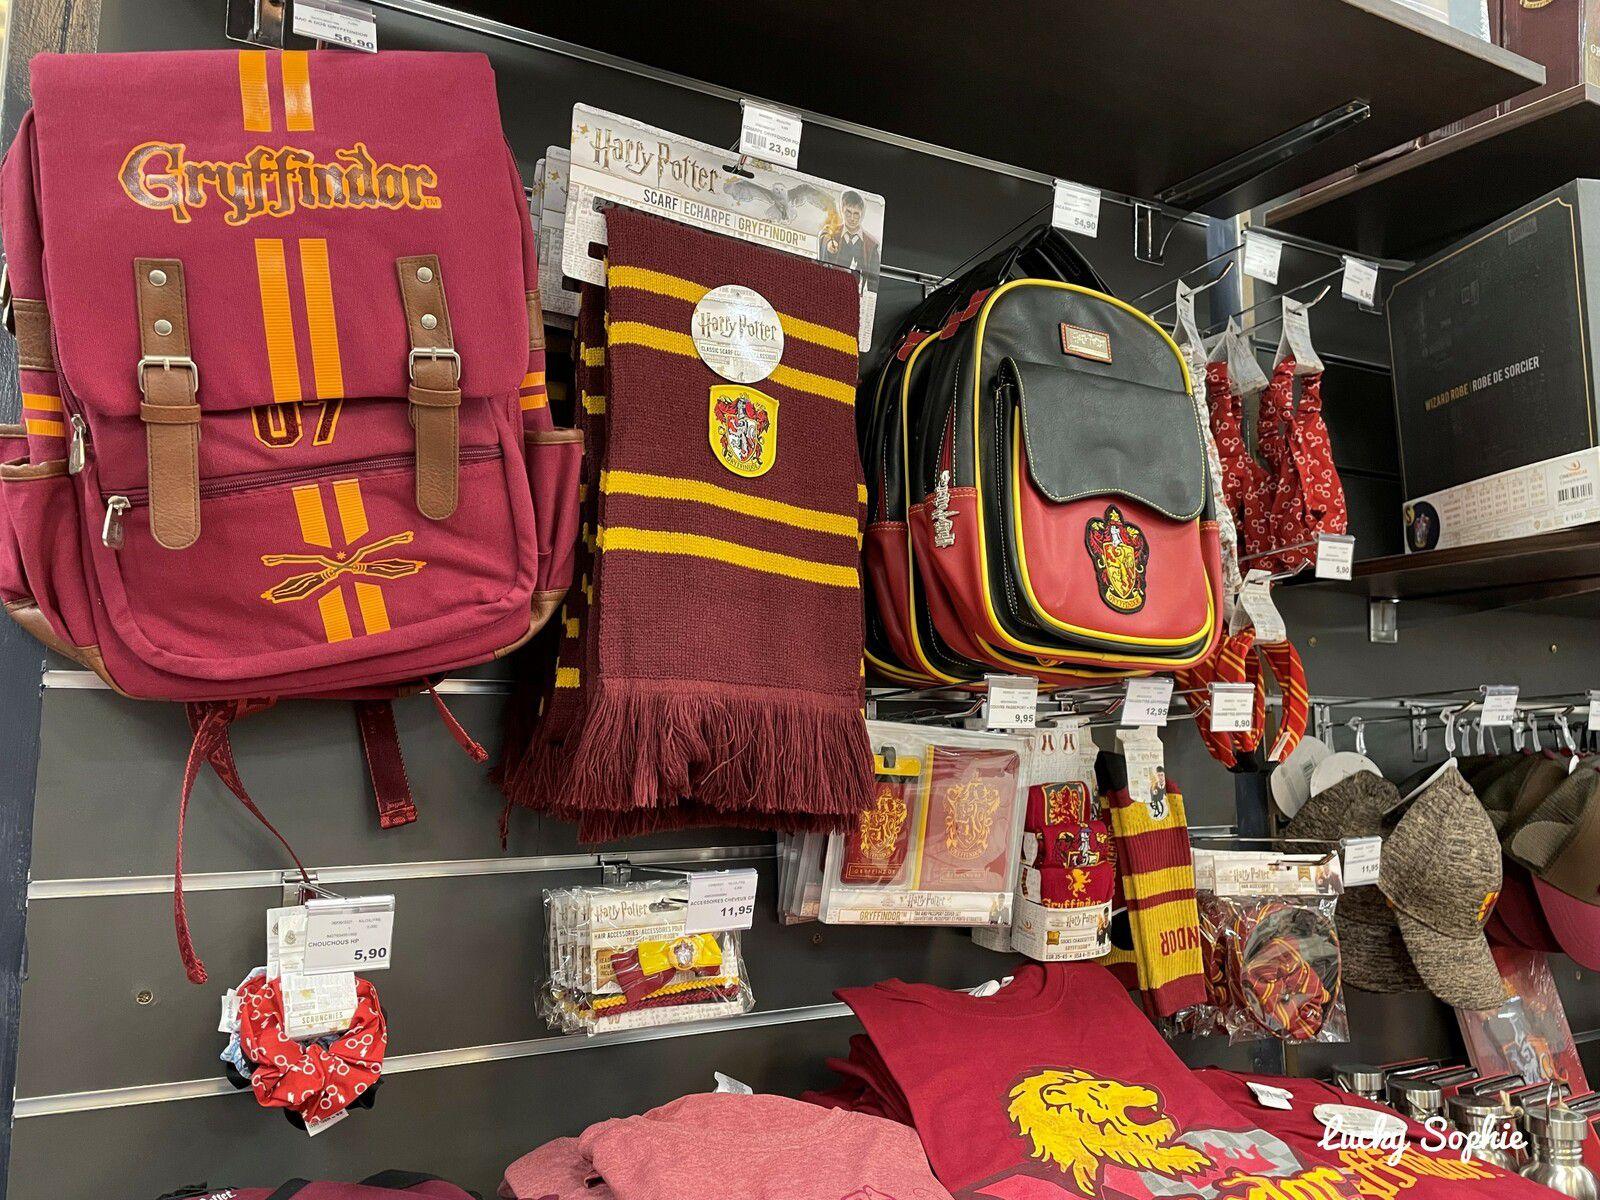 Le repaire des sorciers, boutique Harry Potter à Lyon Part-Dieu